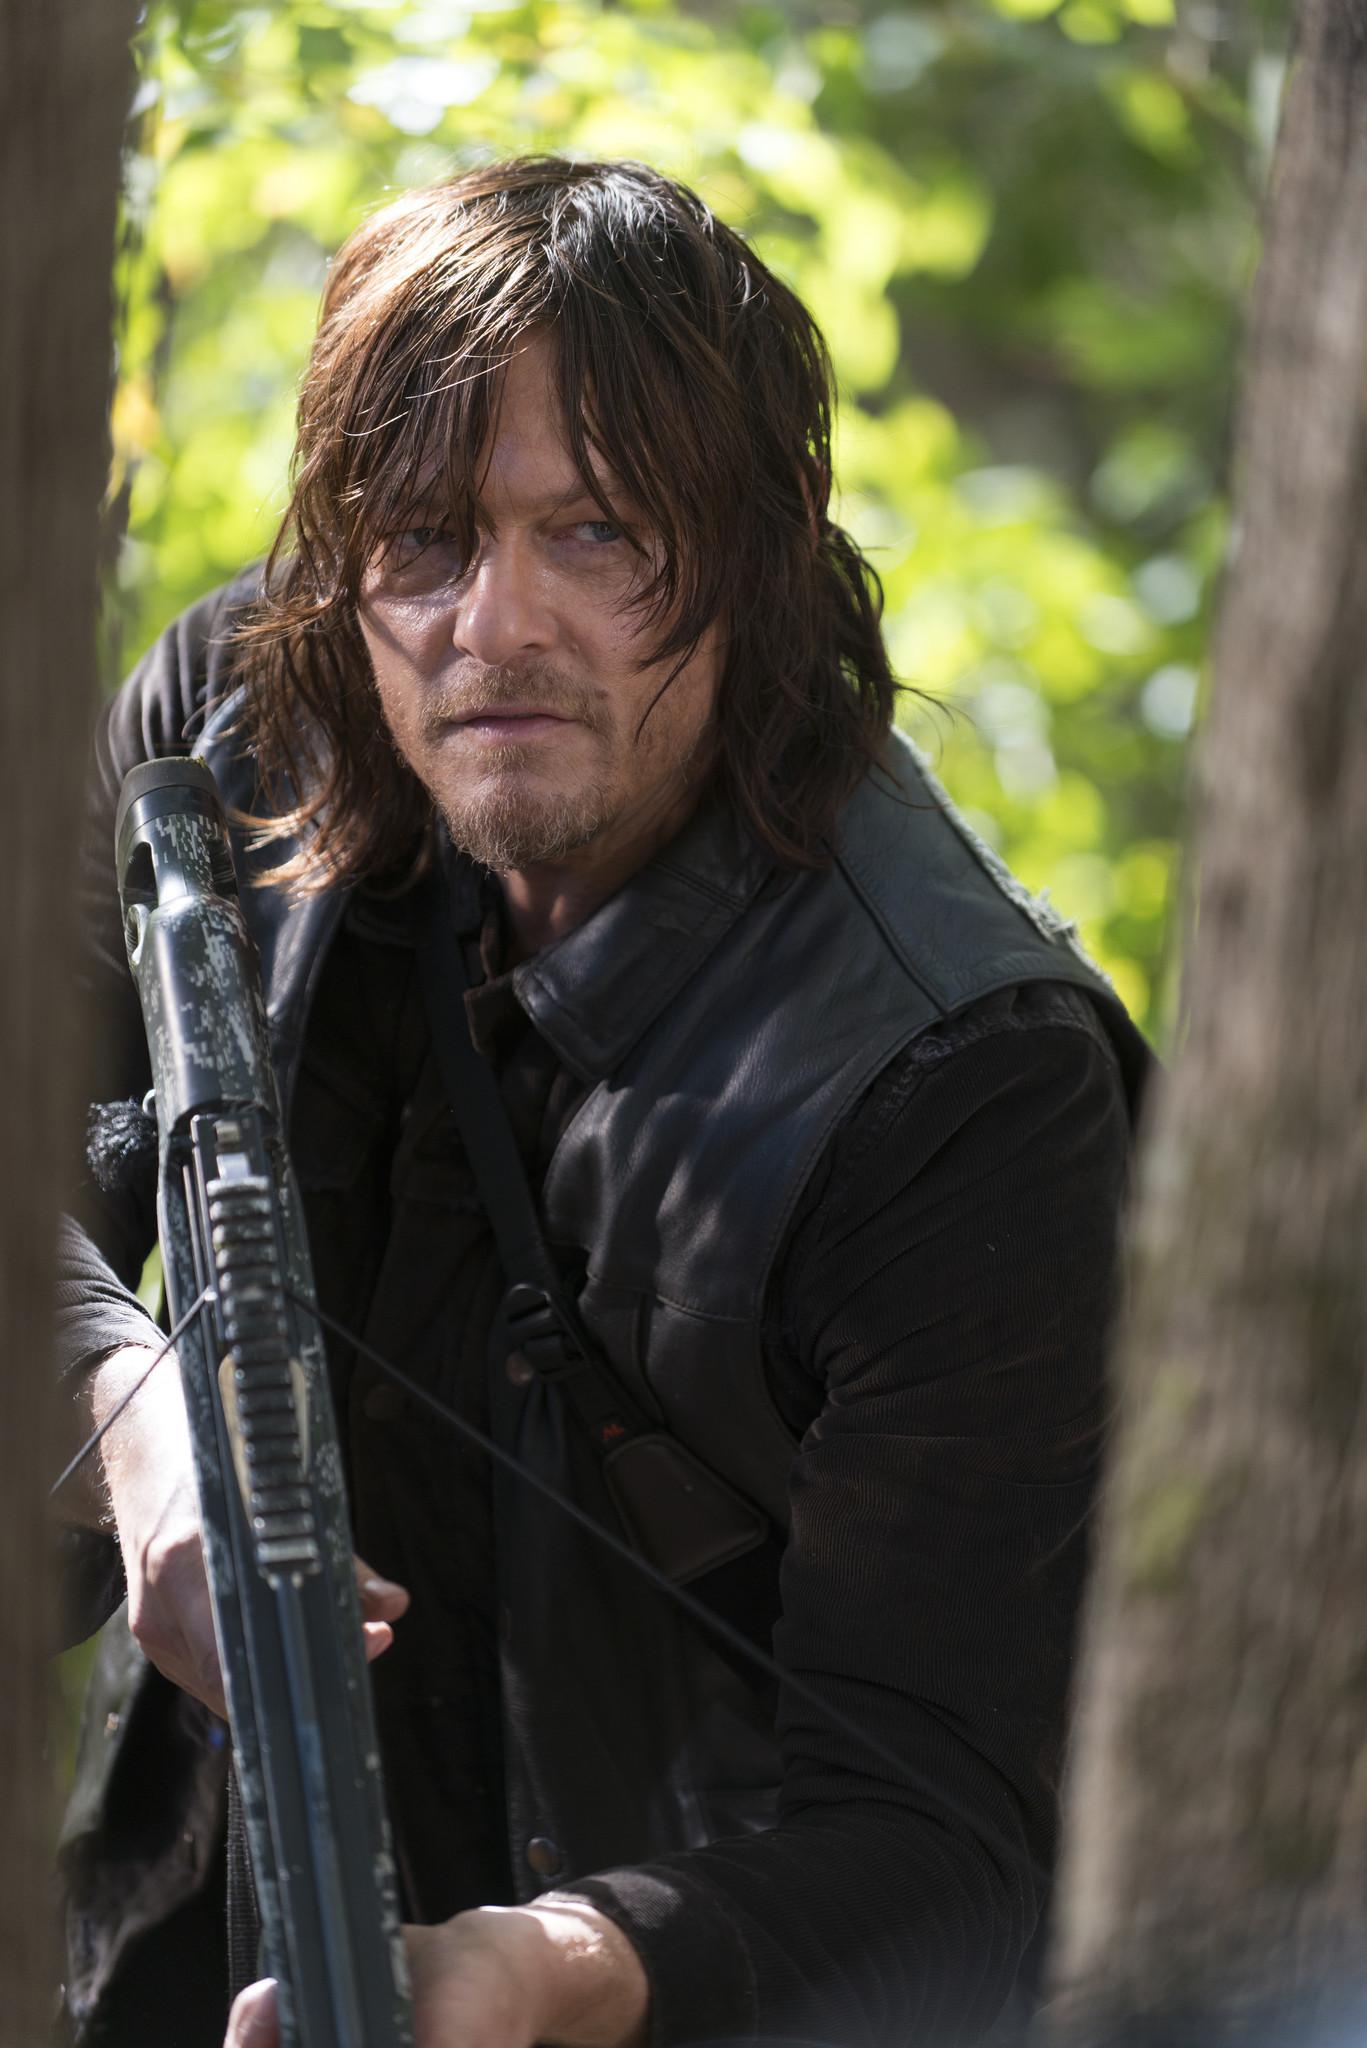 The Walking Dead Season 6 Episode 15 Door Is Wide Open For Danger